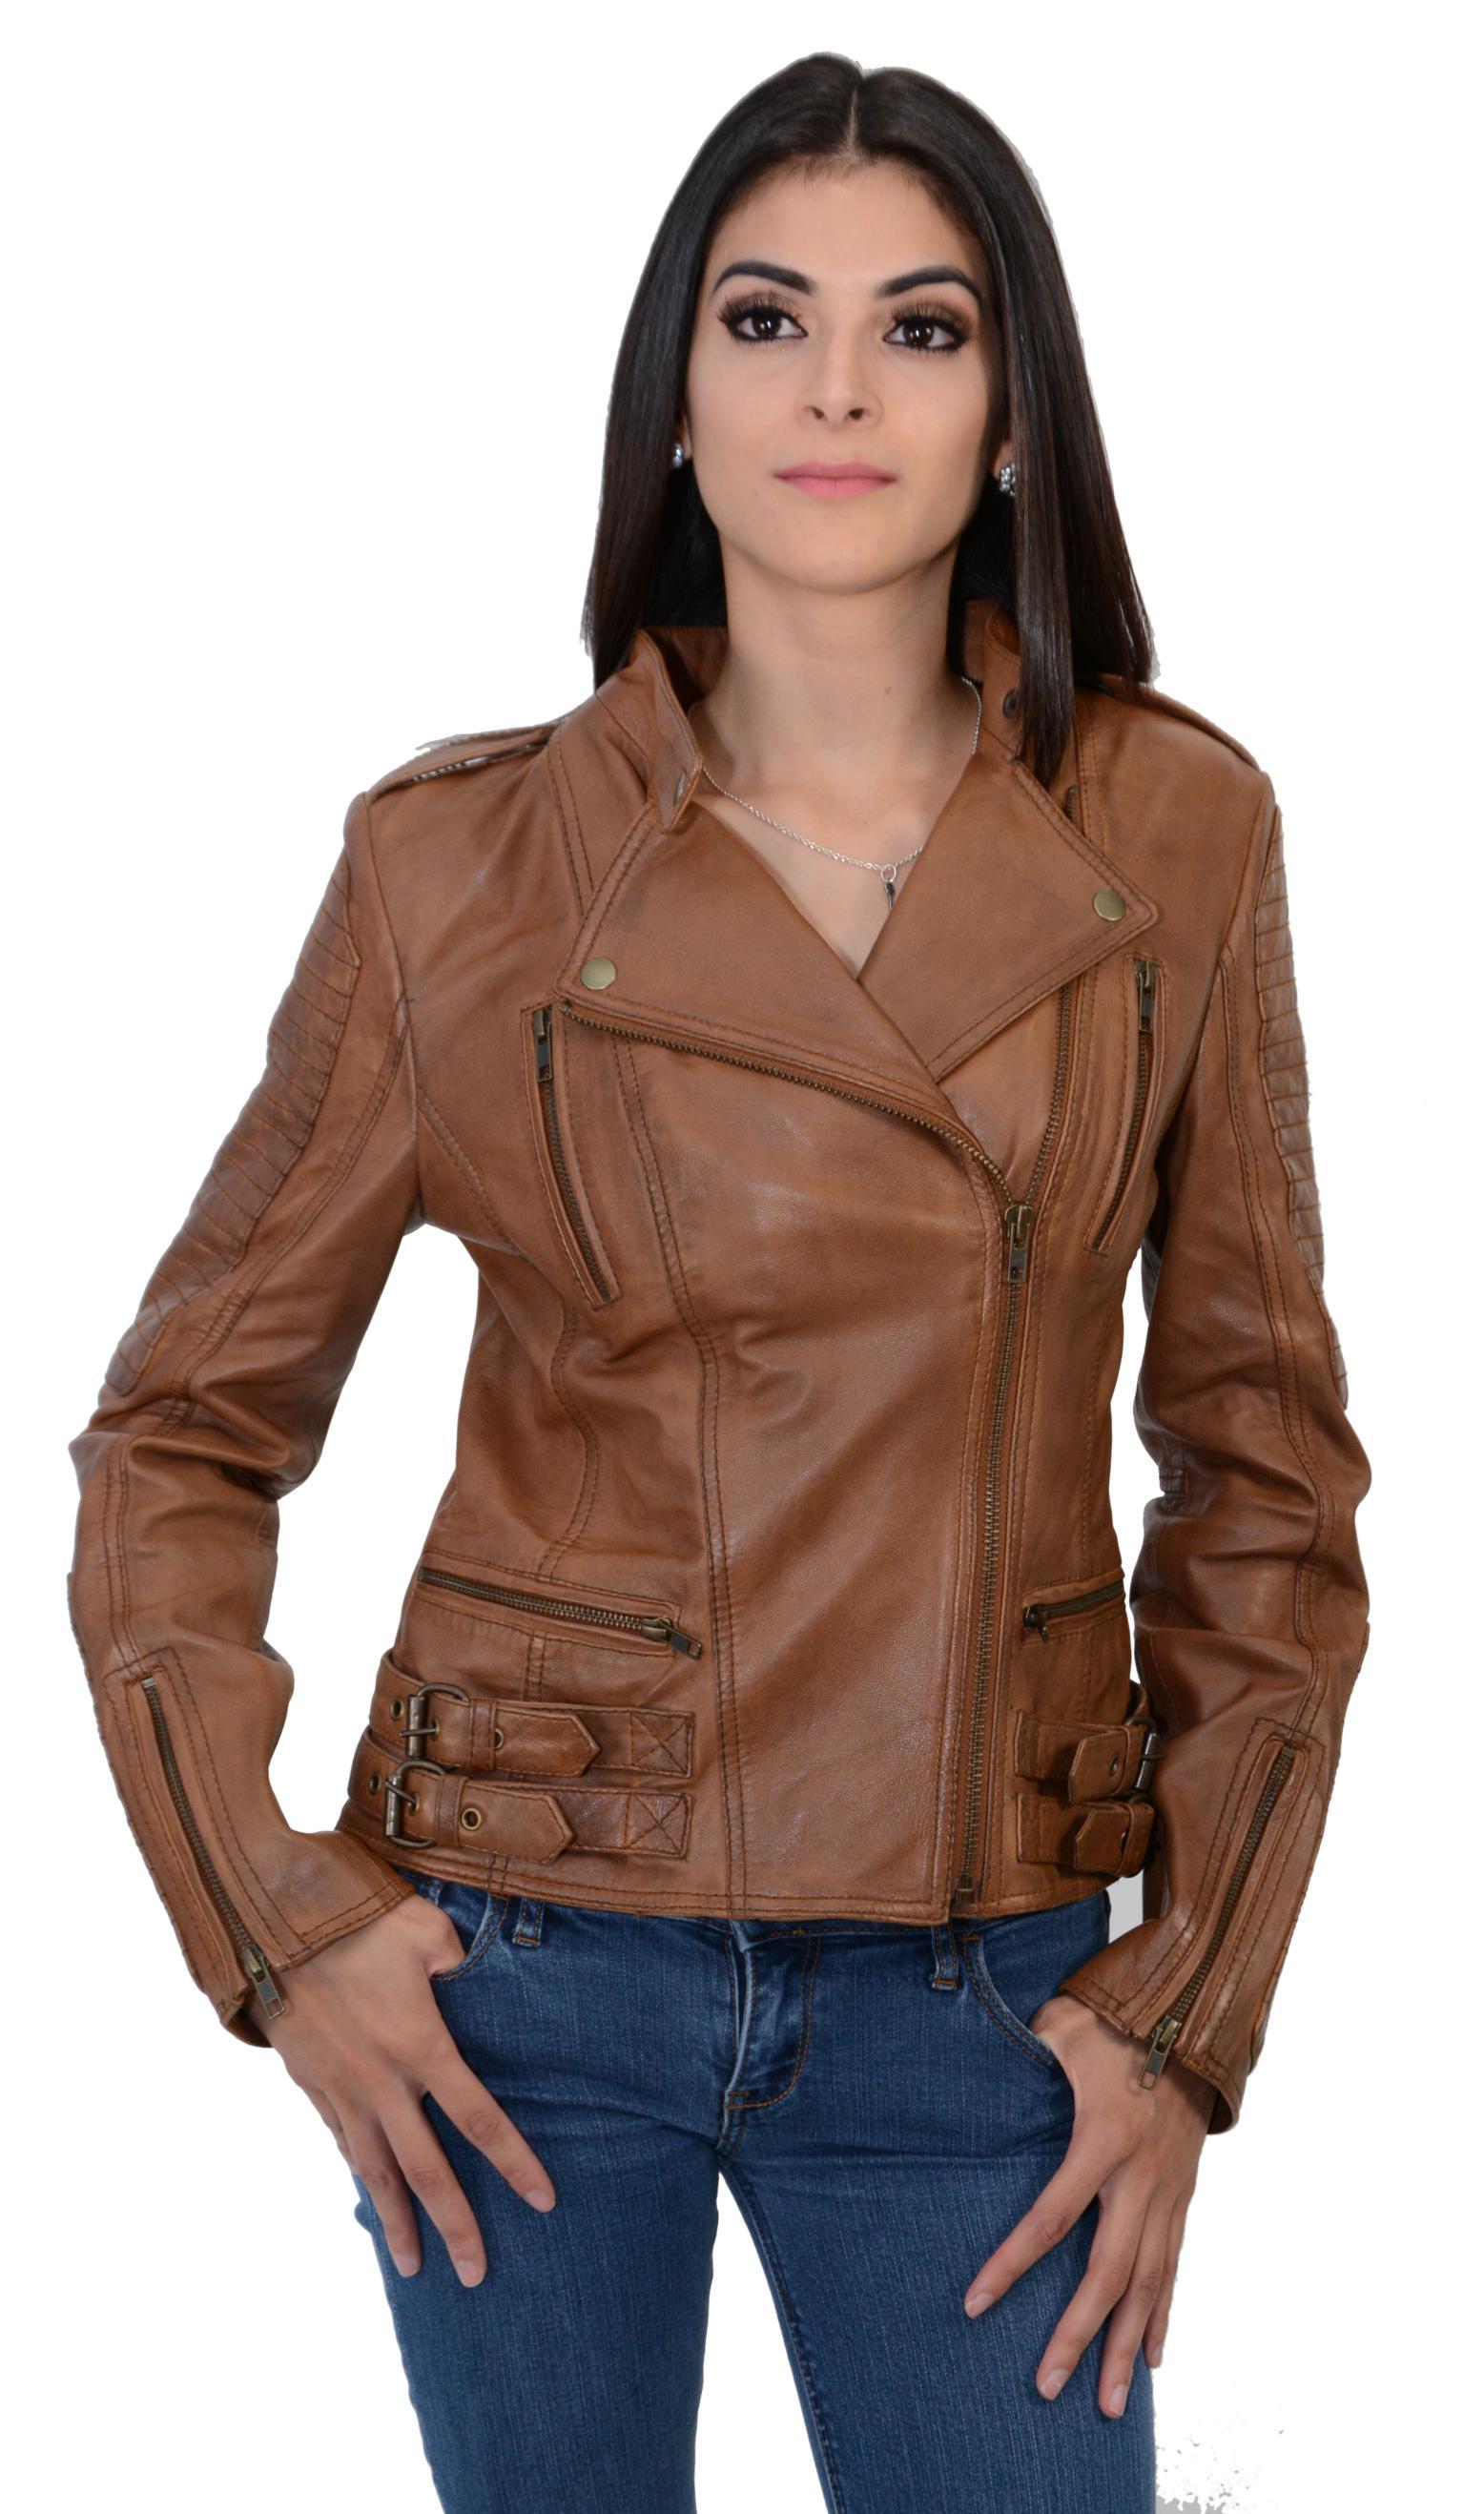 Lambskin leather jacket for women